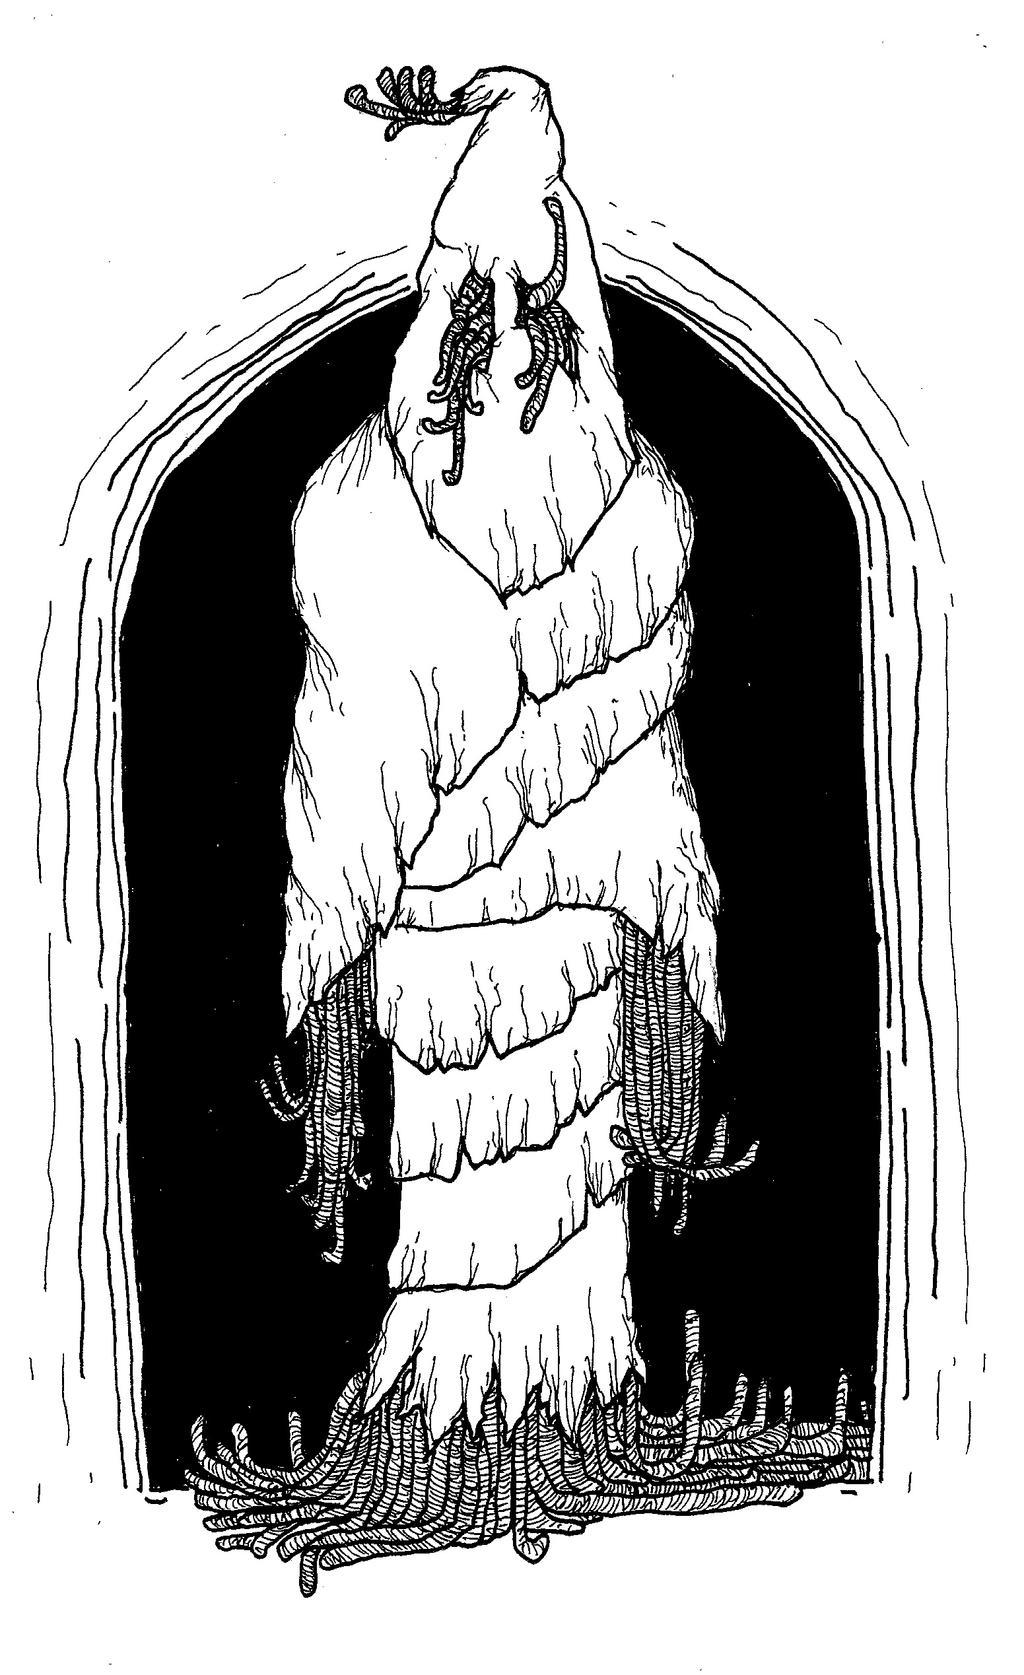 Worm That Walks by mraston